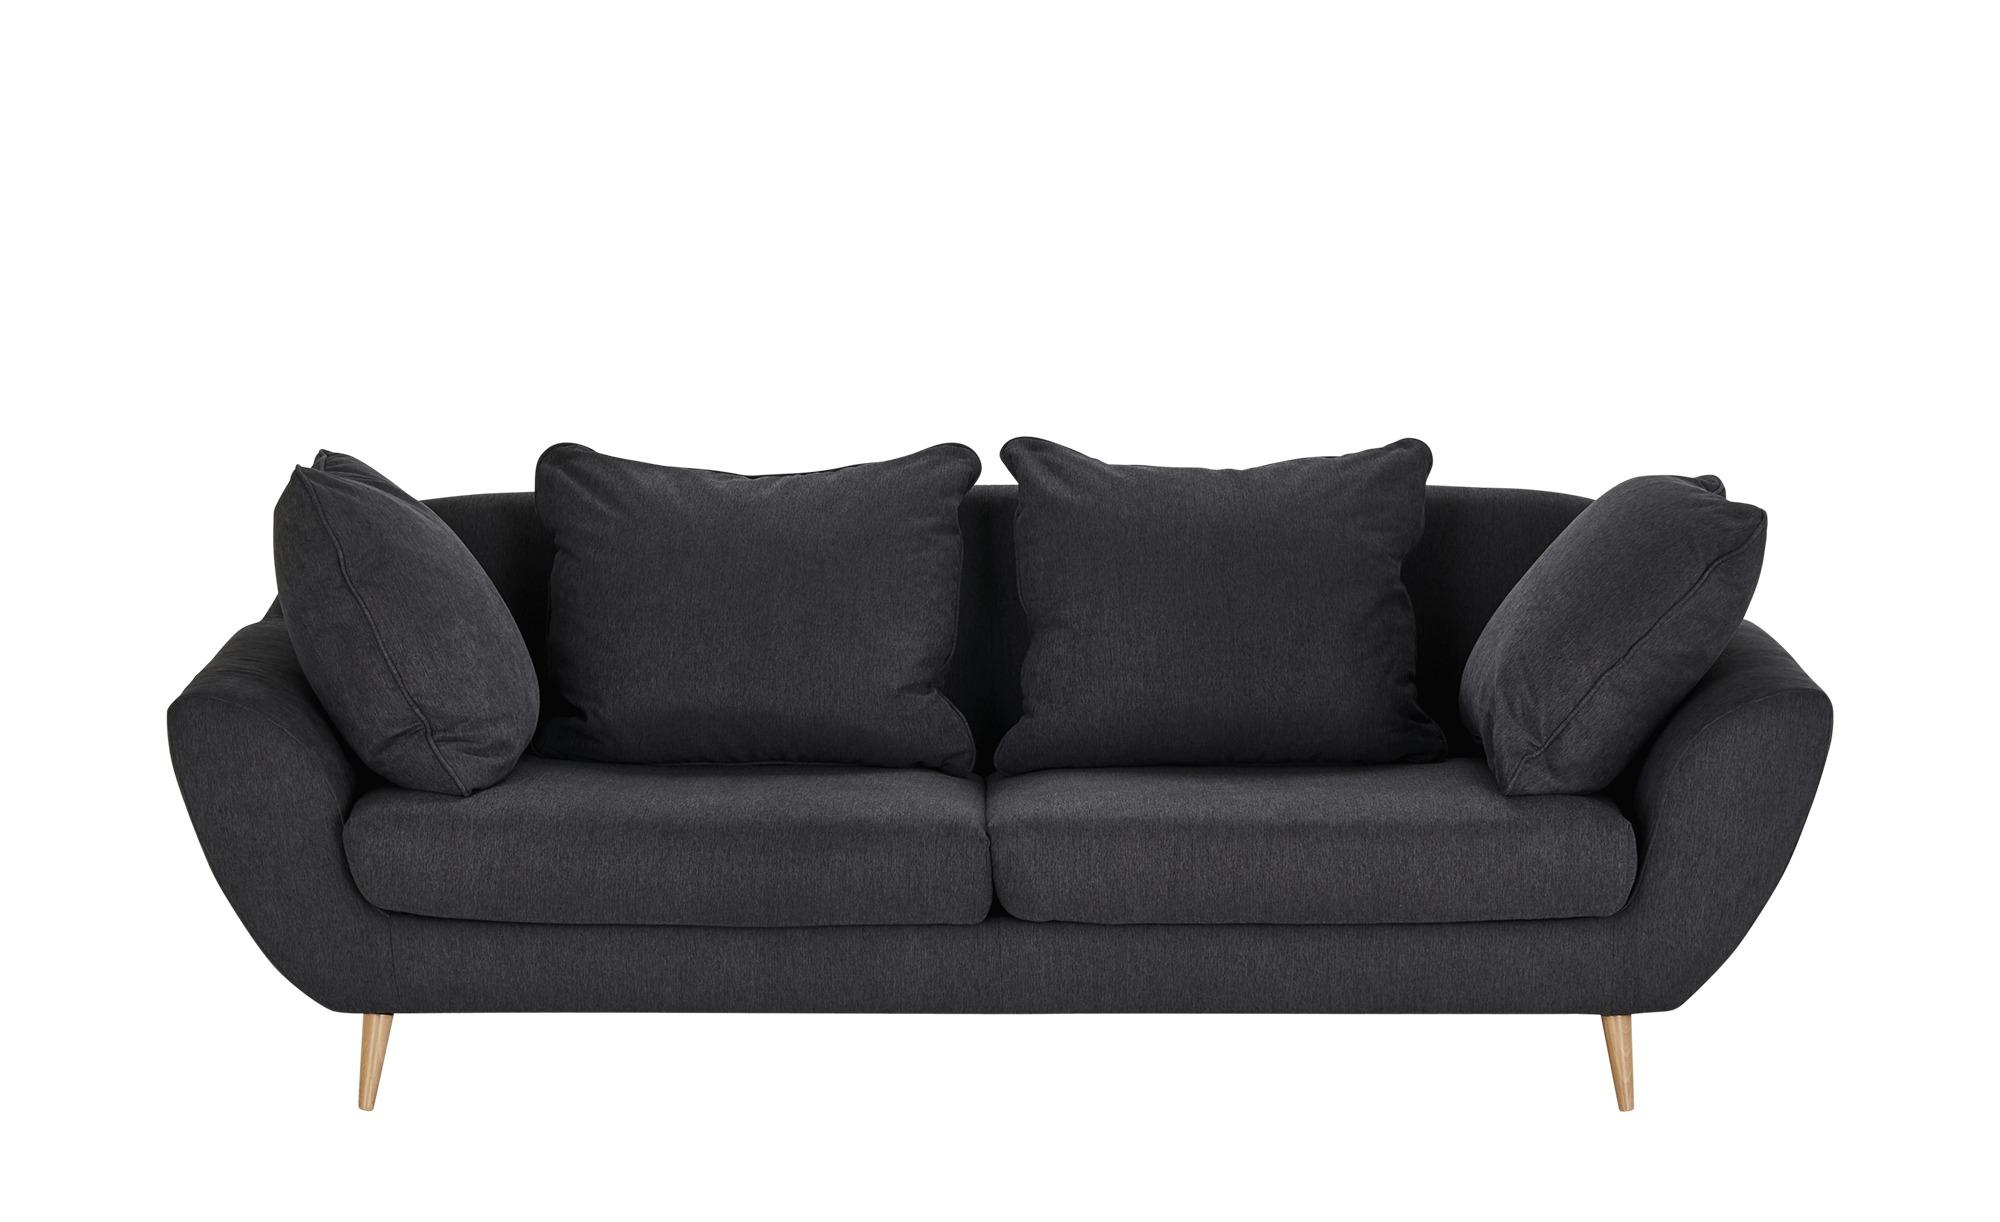 Big Sofa  Monaco ¦ grau ¦ Maße (cm): B: 230 H: 80 T: 95 Polstermöbel > Sofas > Big-Sofas - Höffner